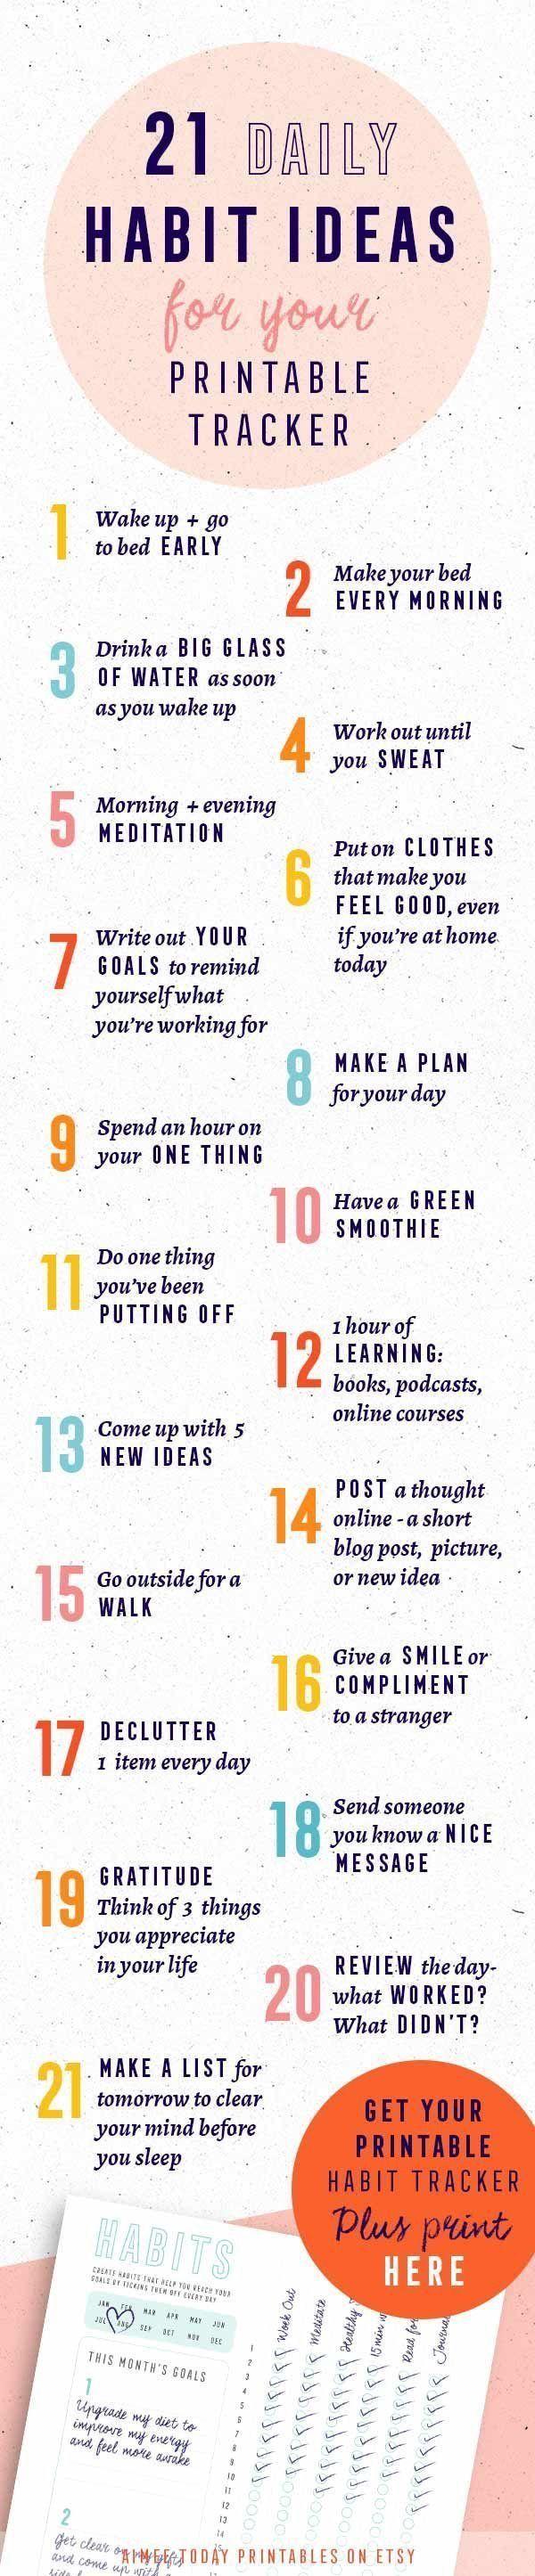 122 besten 7 Habits Bilder auf Pinterest | 7 gewohnheiten, Bankkonto ...